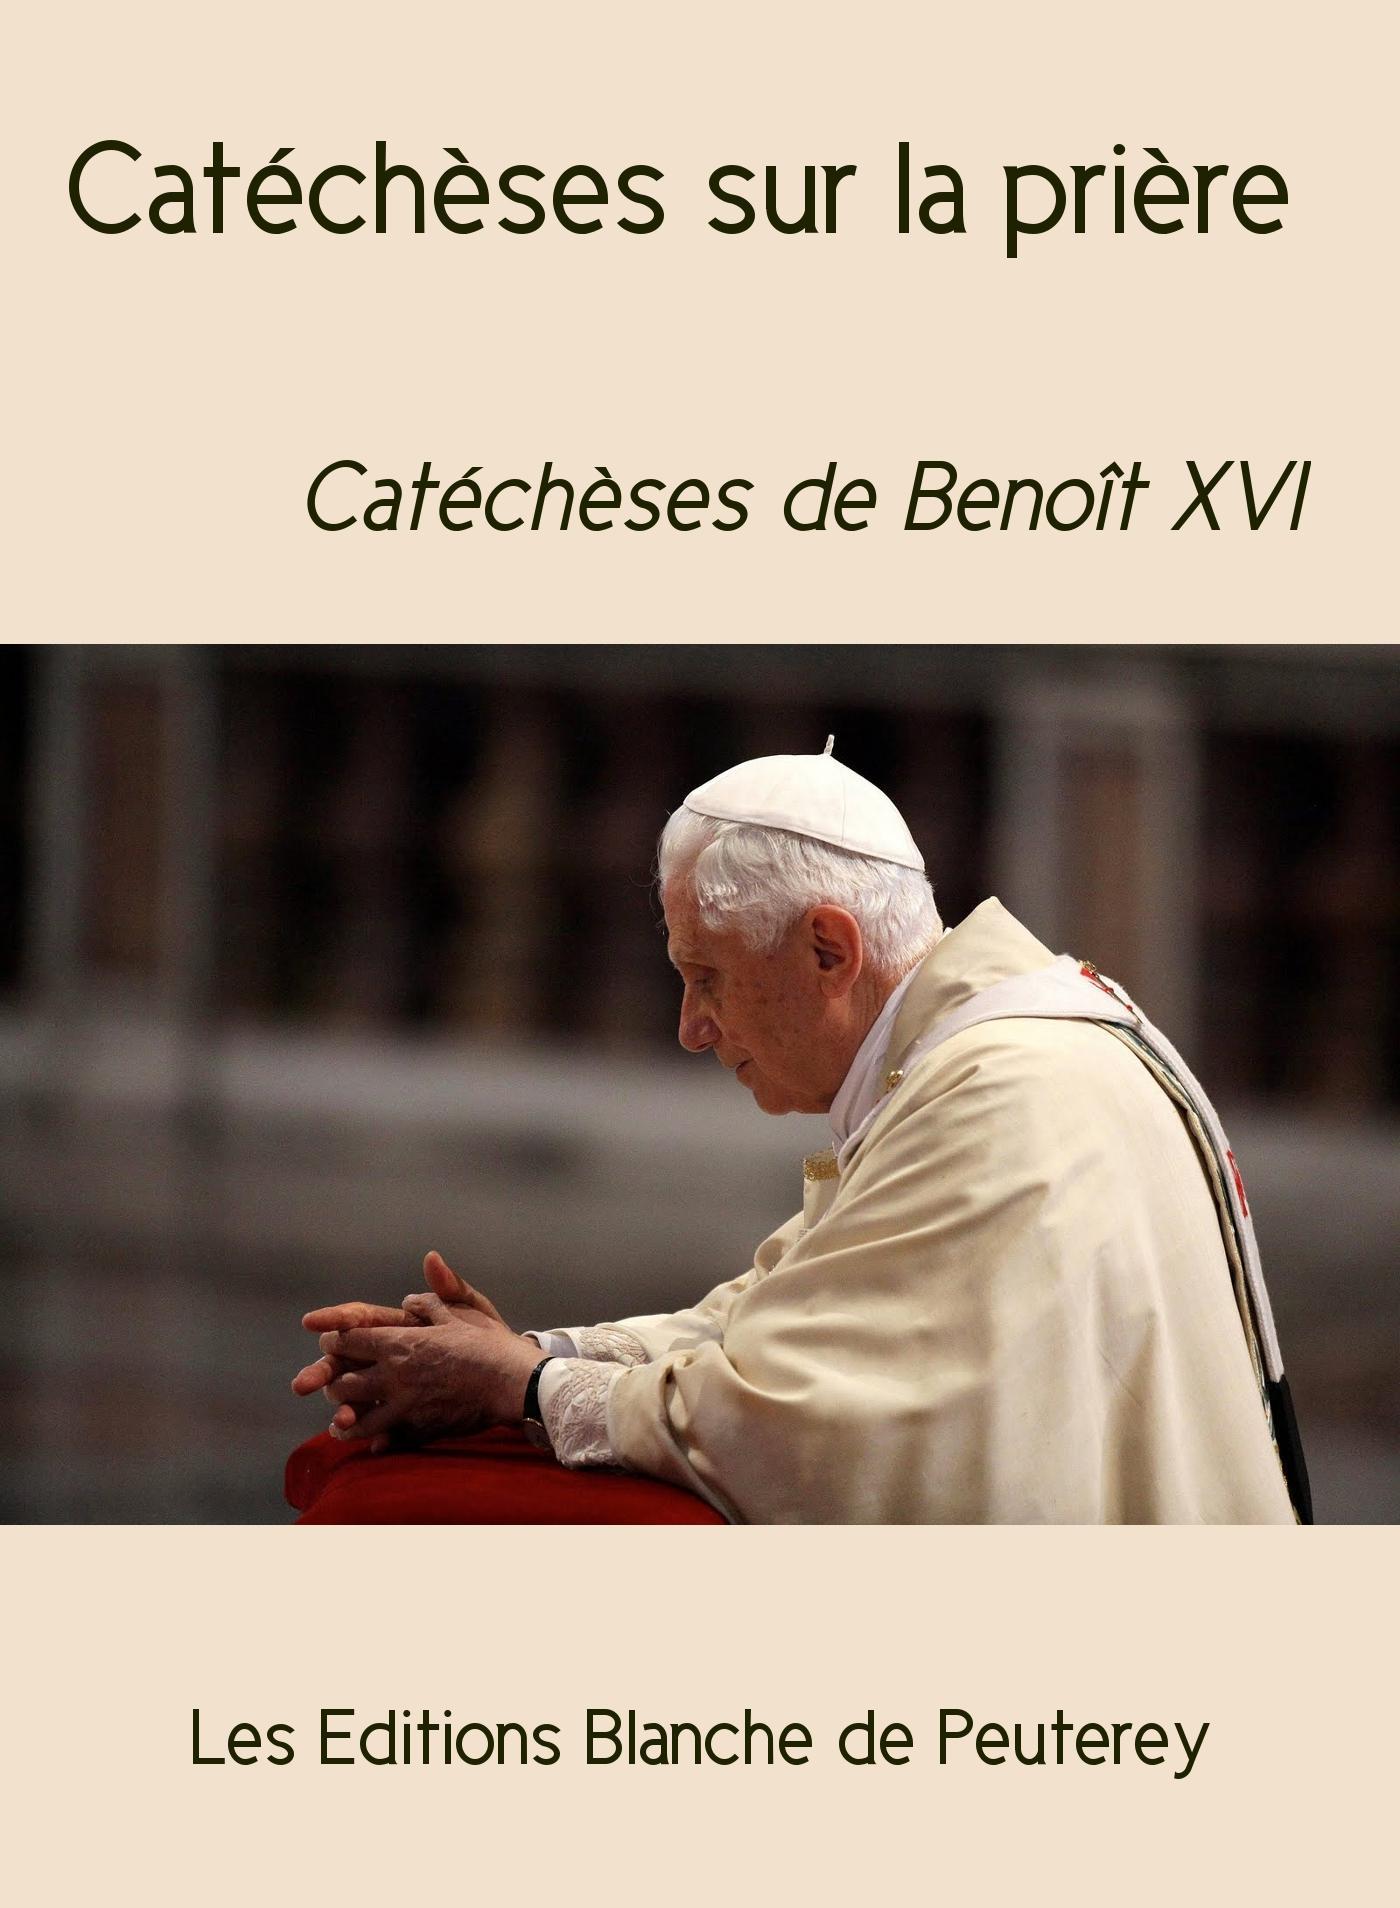 Catéchèses sur la prière, CATÉCHÈSES DE BENOÎT XVI